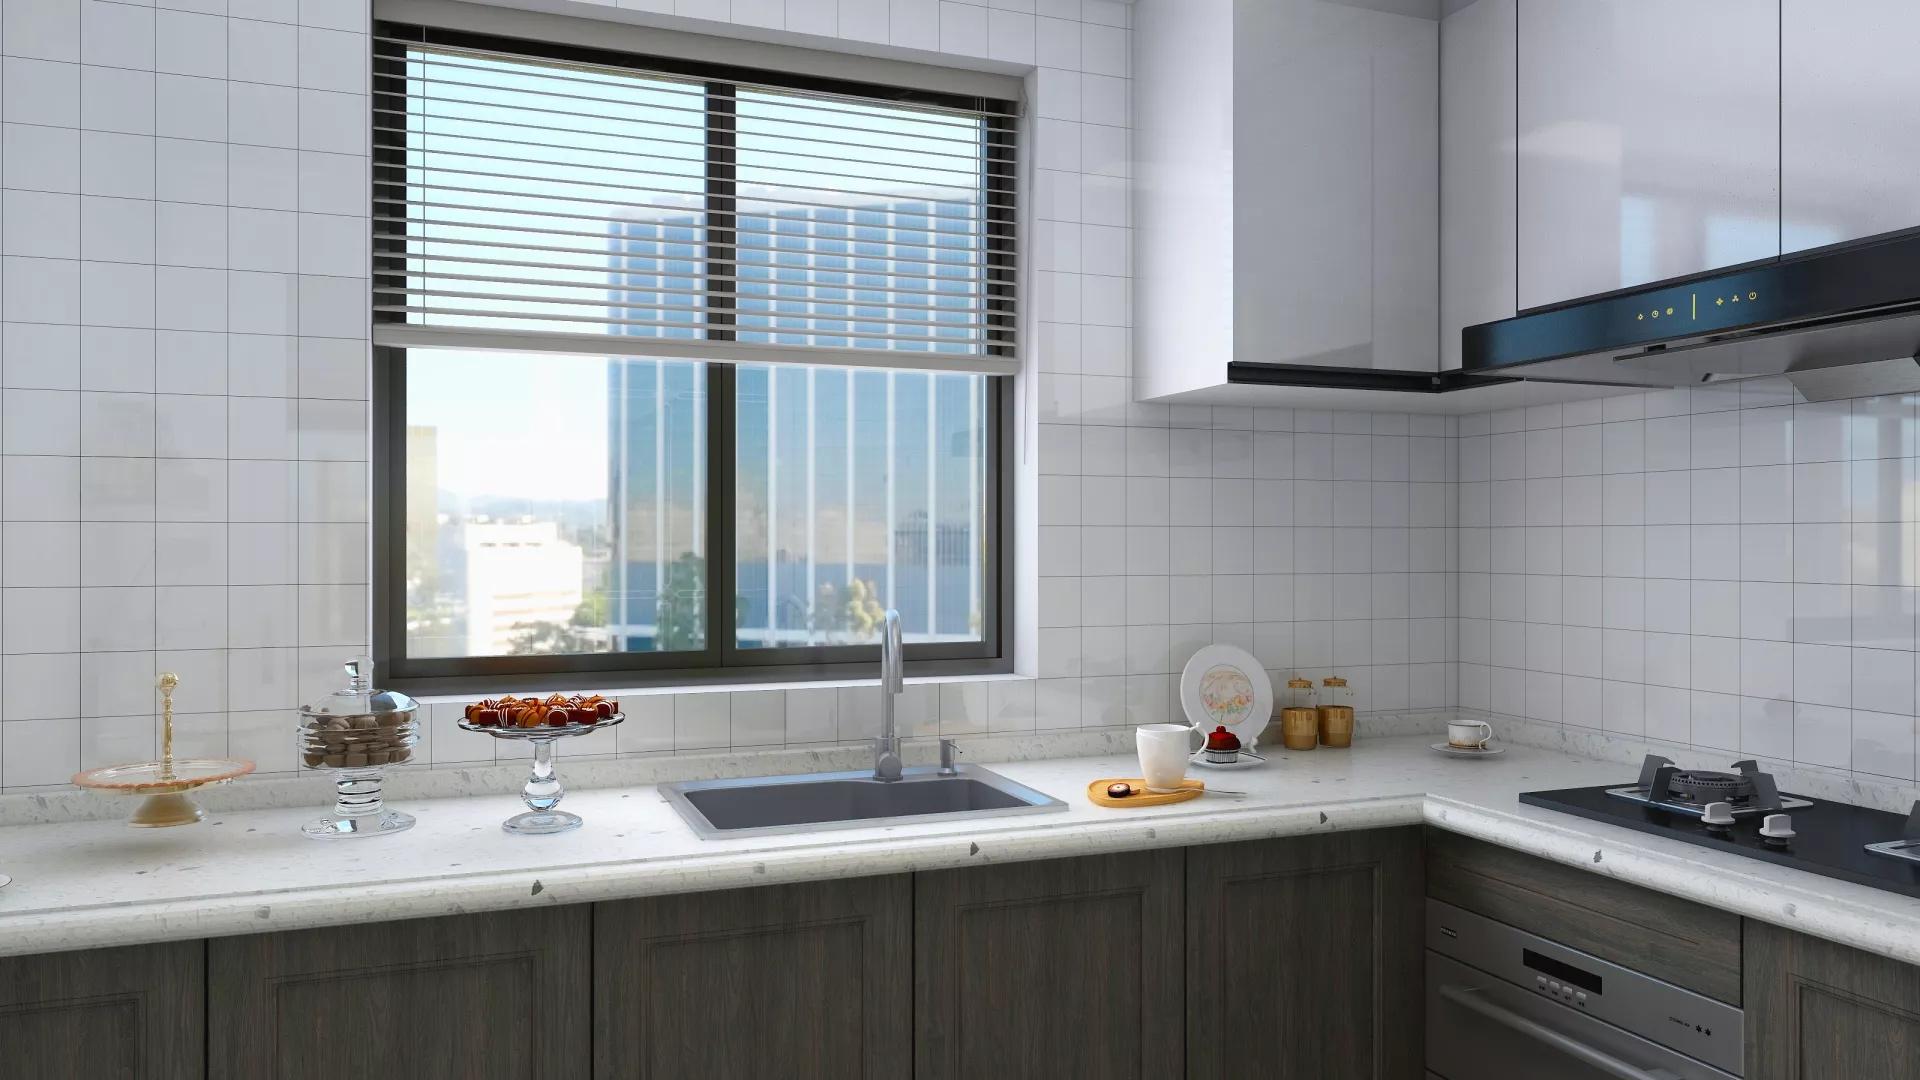 客廳植物如何擺放風水好 客廳如何擺放綠色植物